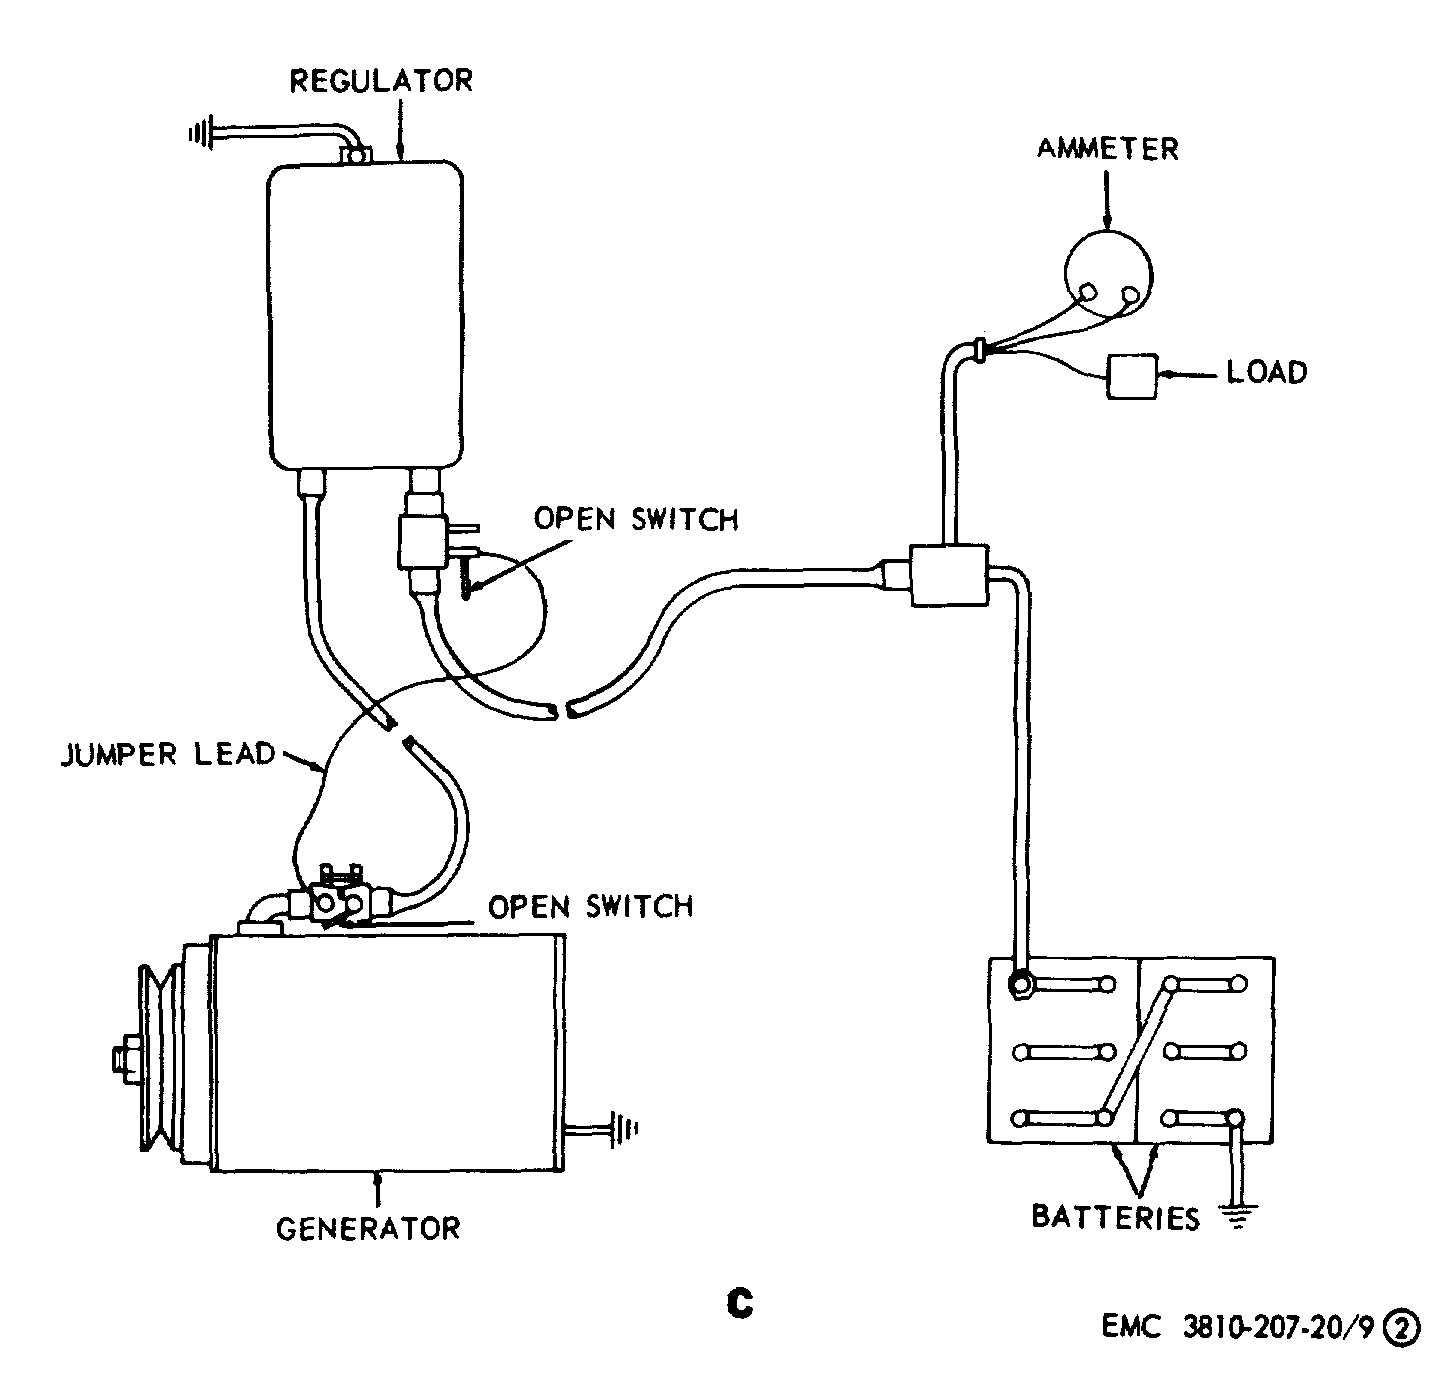 12 volt alternator wiring diagram - Wiring Diagram